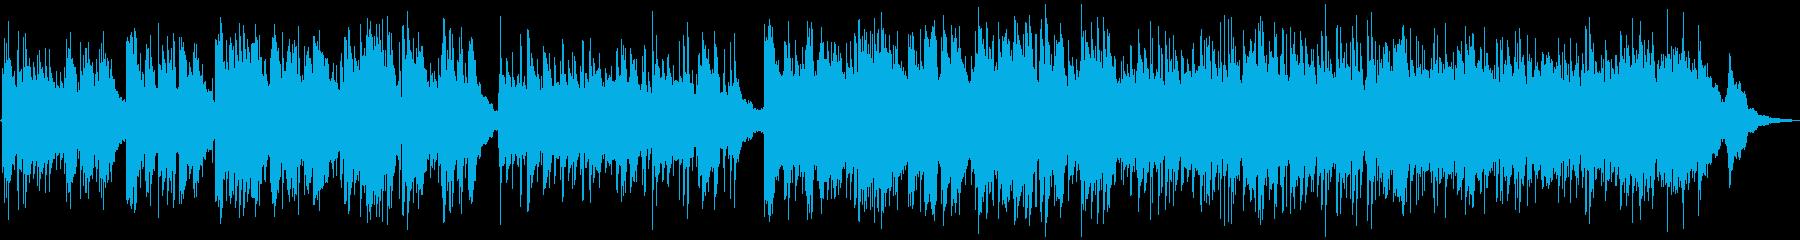 穏やかで温かい音色のアコースティックの再生済みの波形